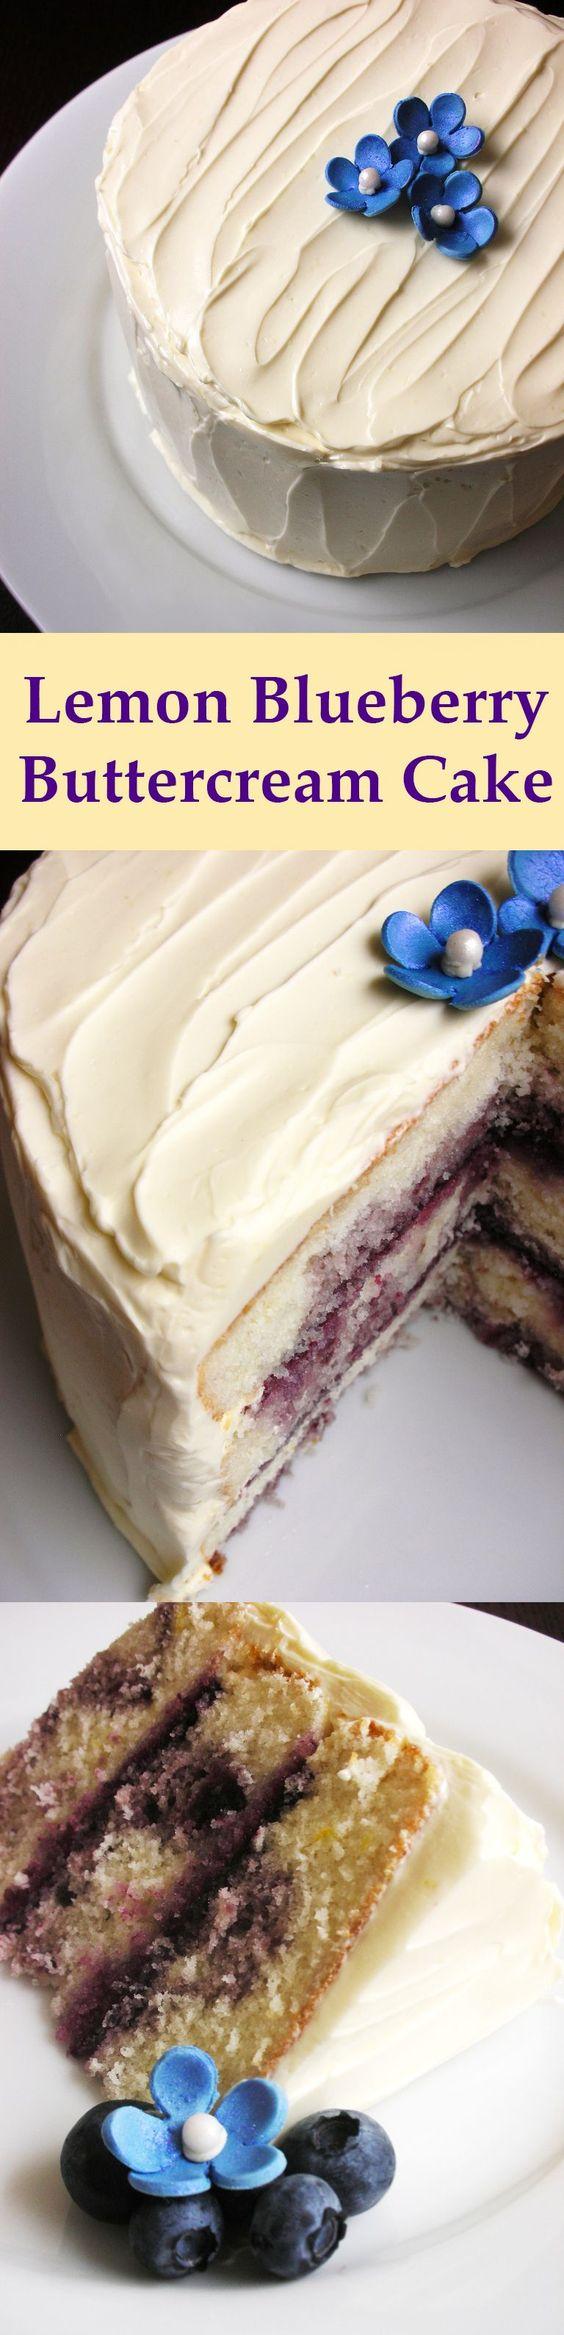 lemon blueberry buttercream cake lemon icing frosting layer summer recipe better baking bible blog